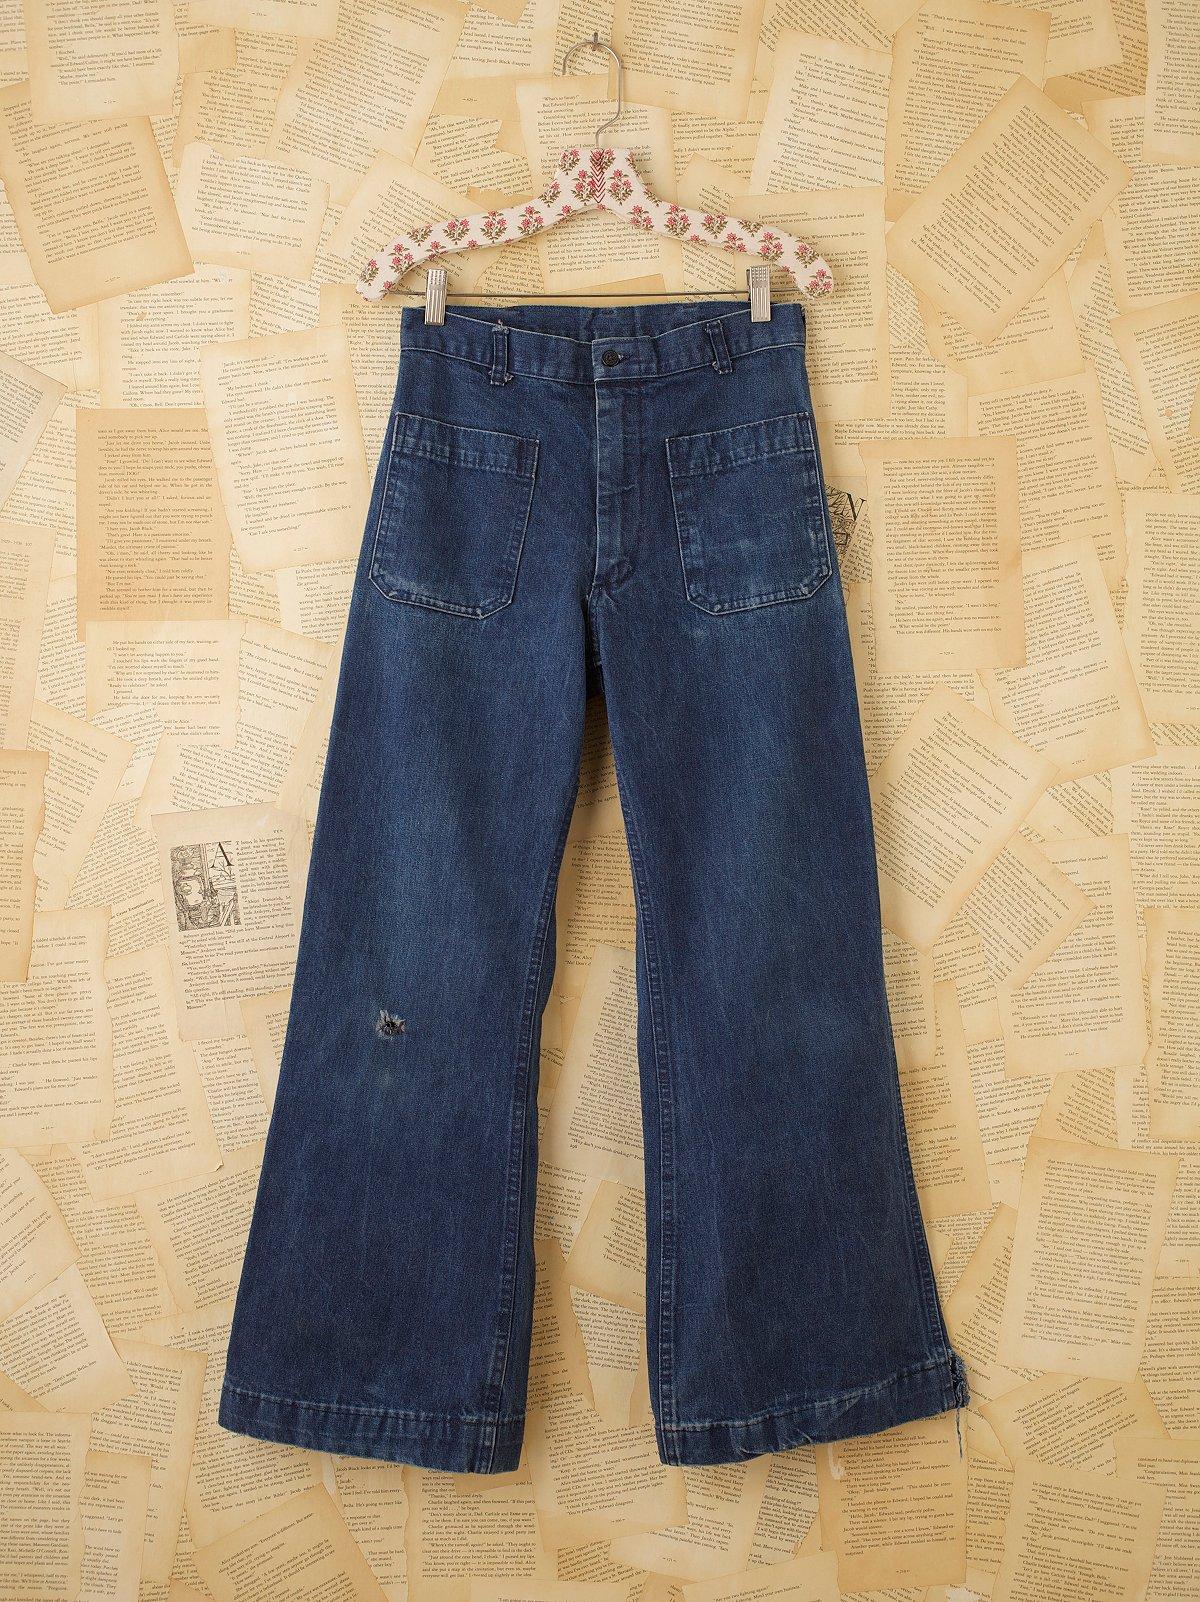 Vintage Navy Bellbottom Jeans